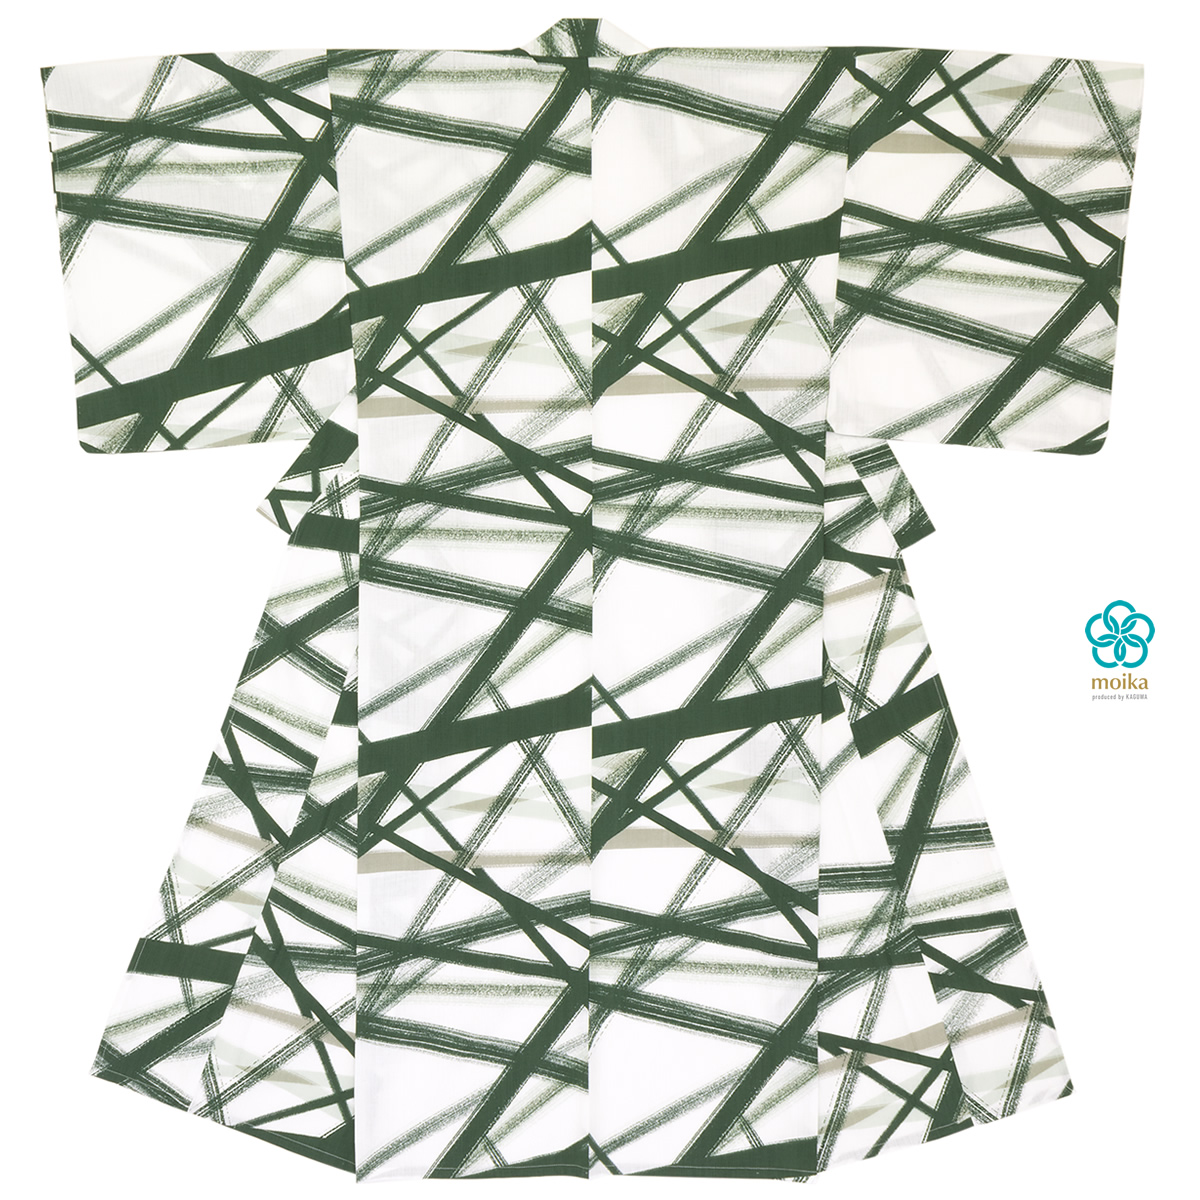 浴衣 メンズ レトロ moika 単品 男性 大人 緑系 グリーン 白 墨 線 幾何学 モダン 綿 変わり織り 夏祭り 花火大会 仕立て上がり【あす楽対応】【Mサイズ】【Lサイズ】【送料無料】